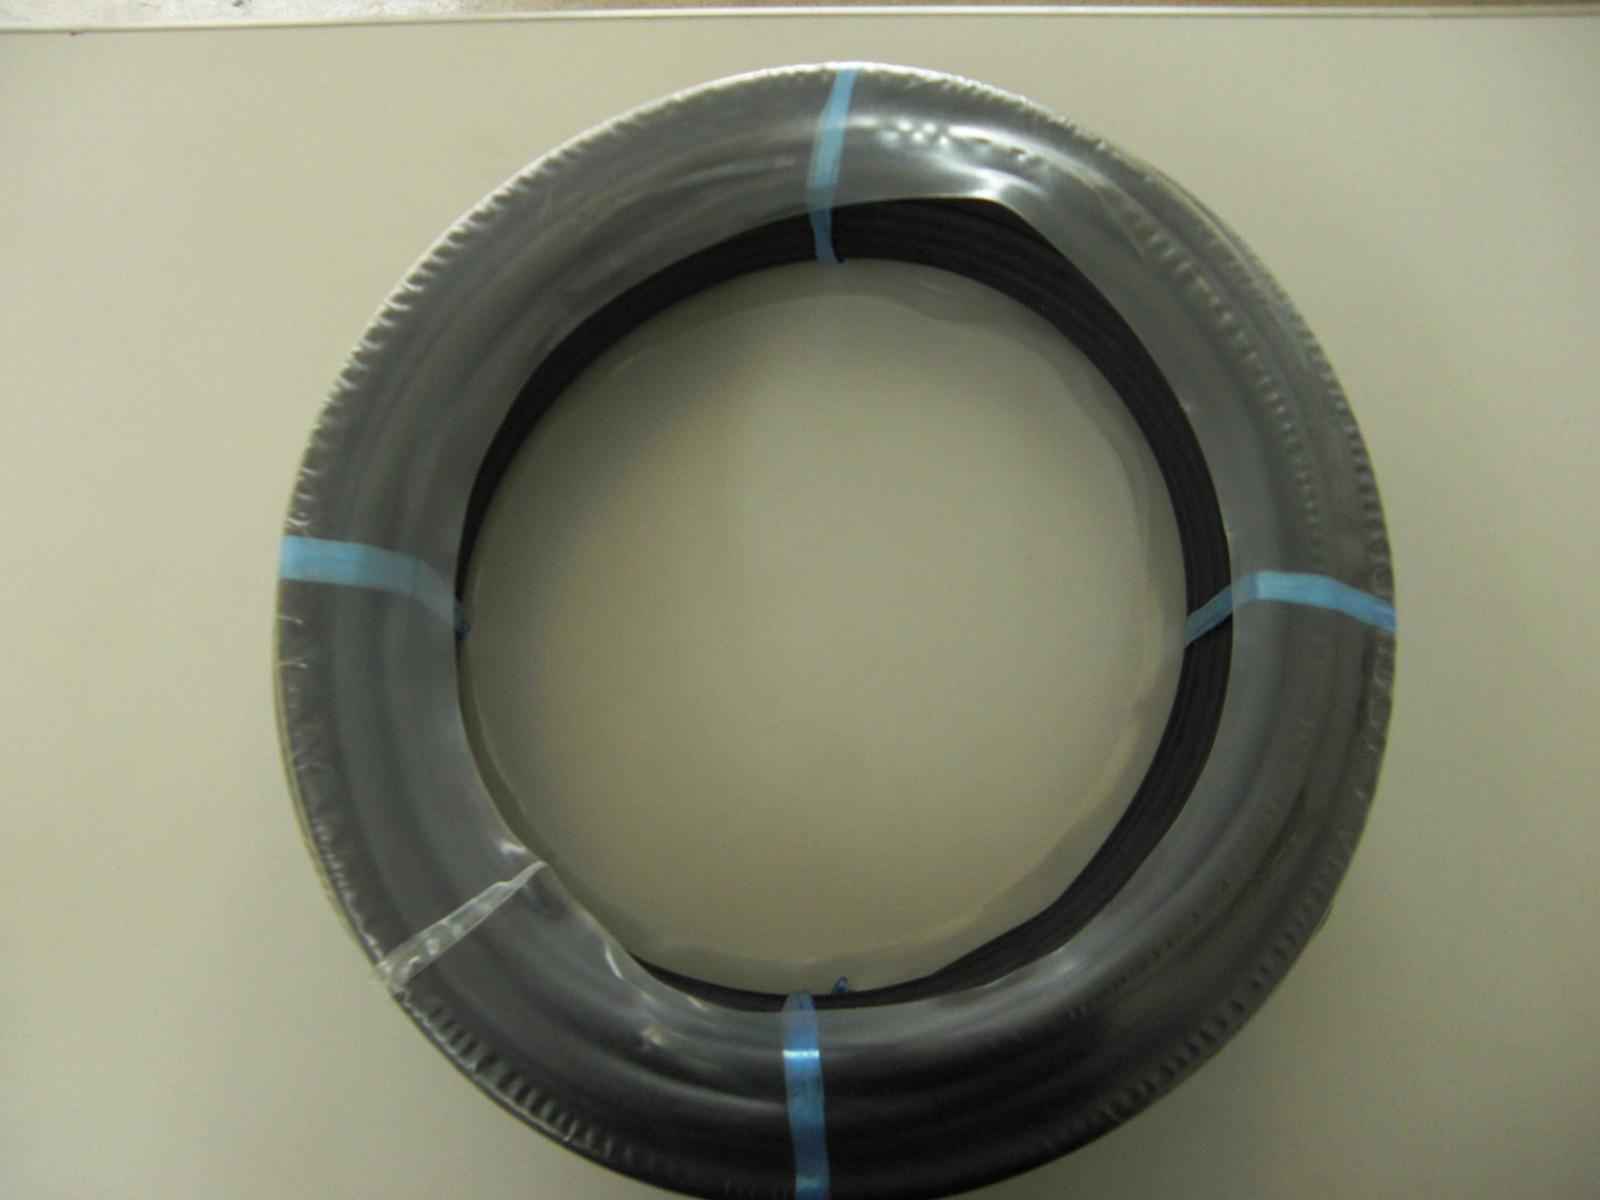 オーダー承ります 予約 溶接 キャブタイヤケーブル WCT 単品 キャプタイヤケーブルのみ 22スケア 新品 送料無料 20m